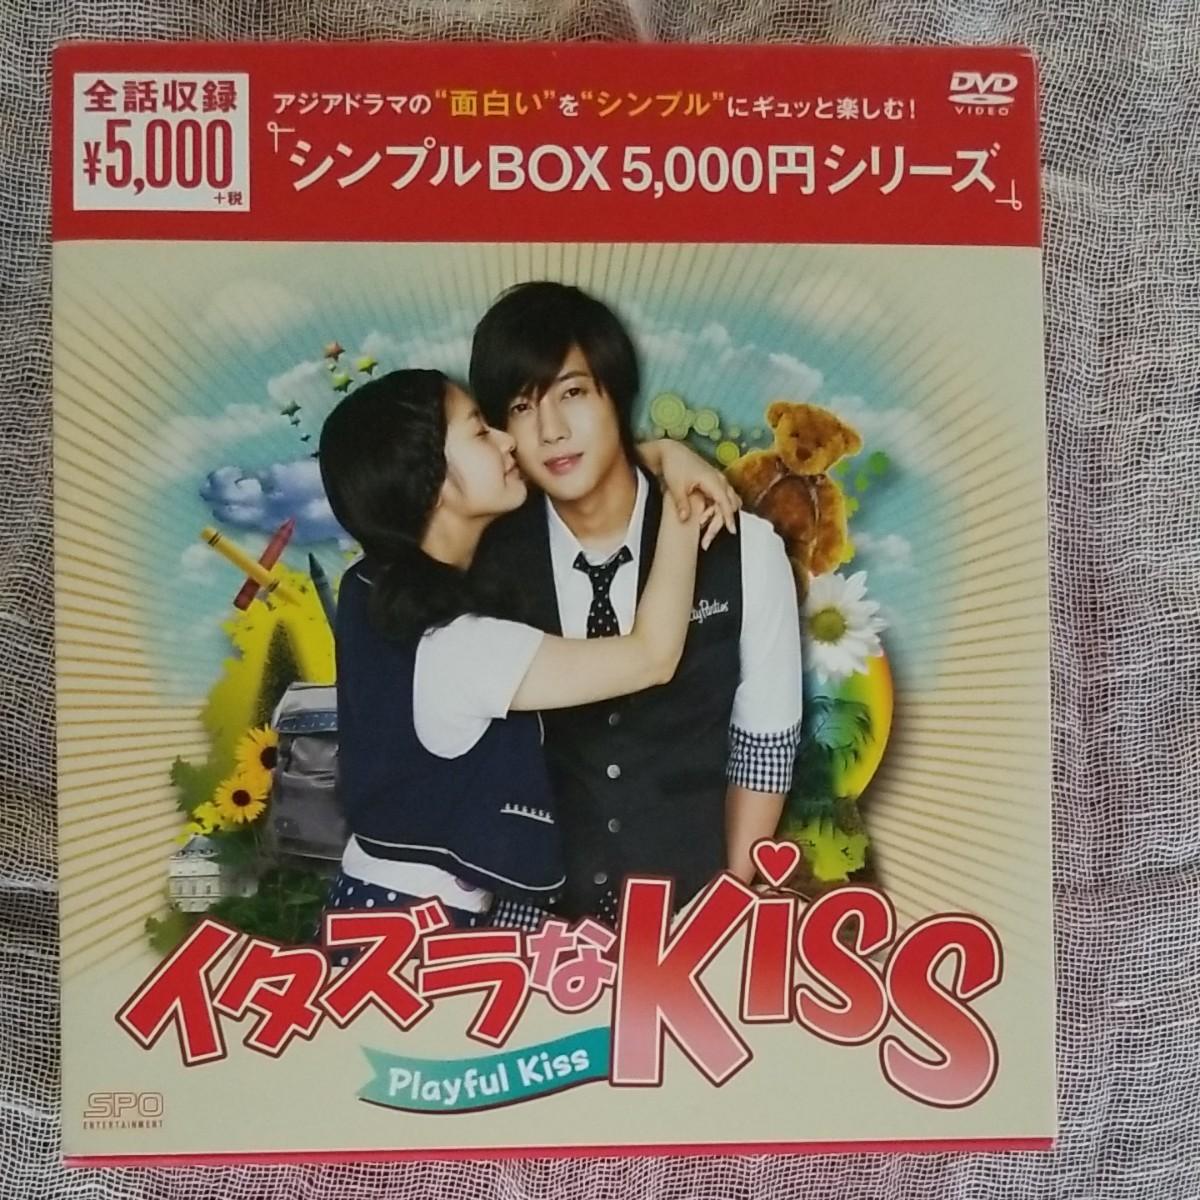 韓国ドラマ「イタズラなKiss 」全話 DVD シンプルBOX